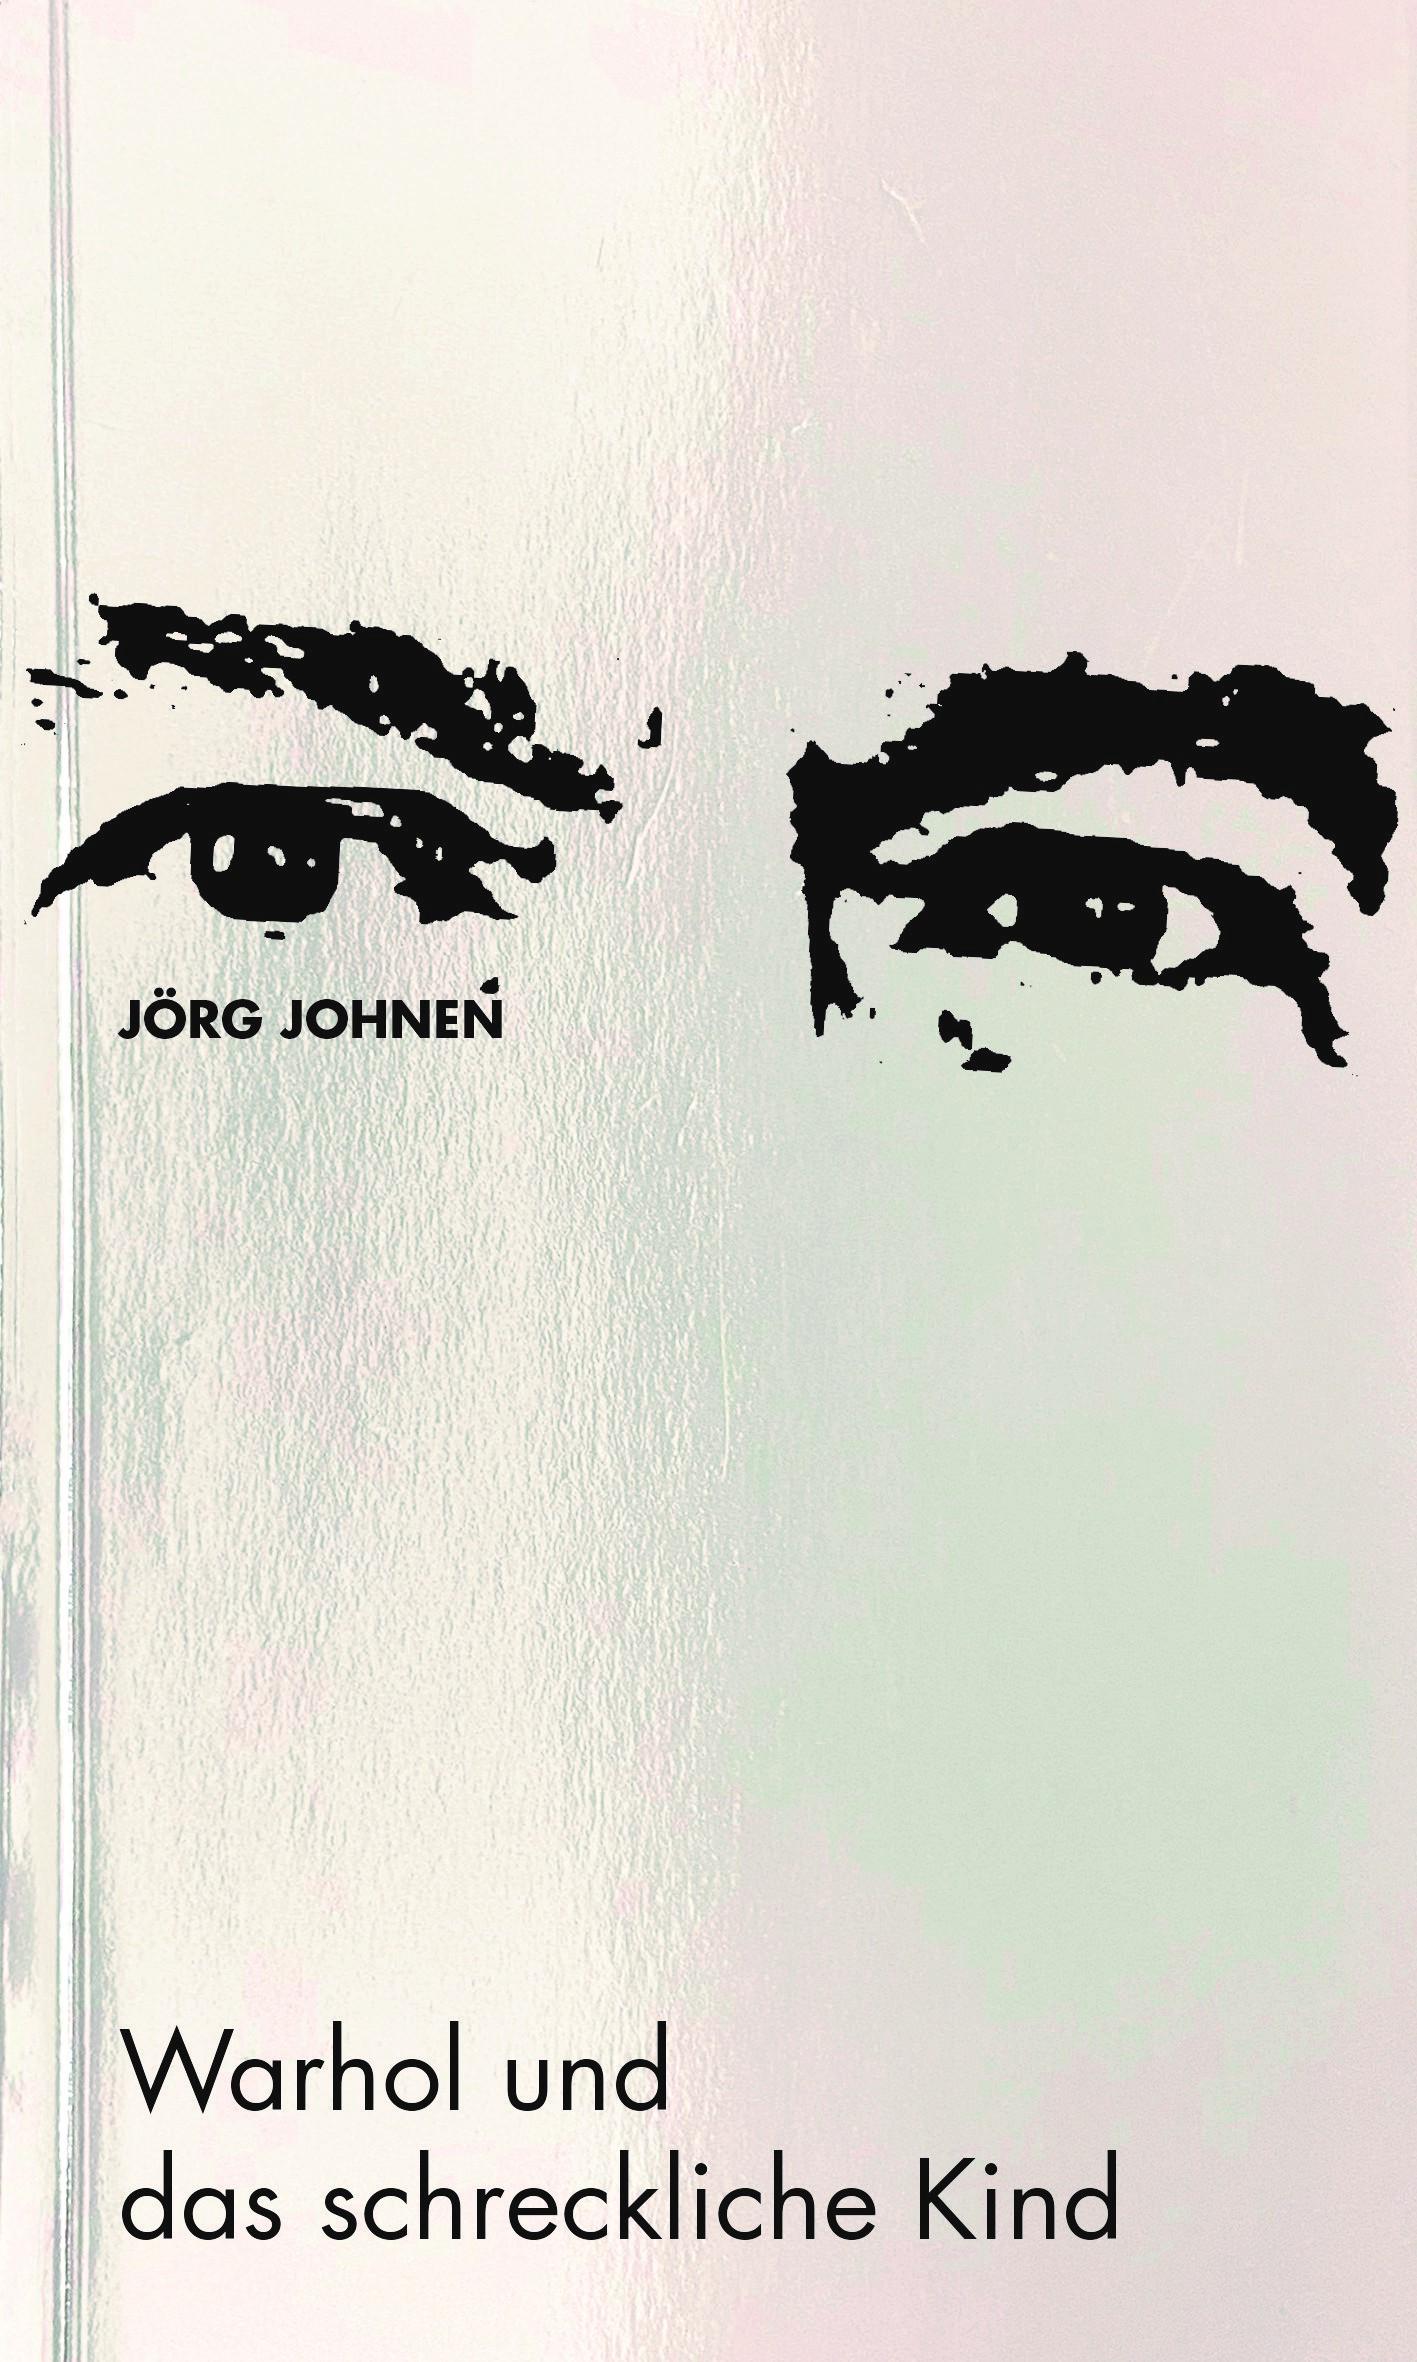 Buchcover, Warhol und das schreckliche Kind © 2021 Jörg Johnen und Verlag der Buchhandlung Walther und Franz König, Köln